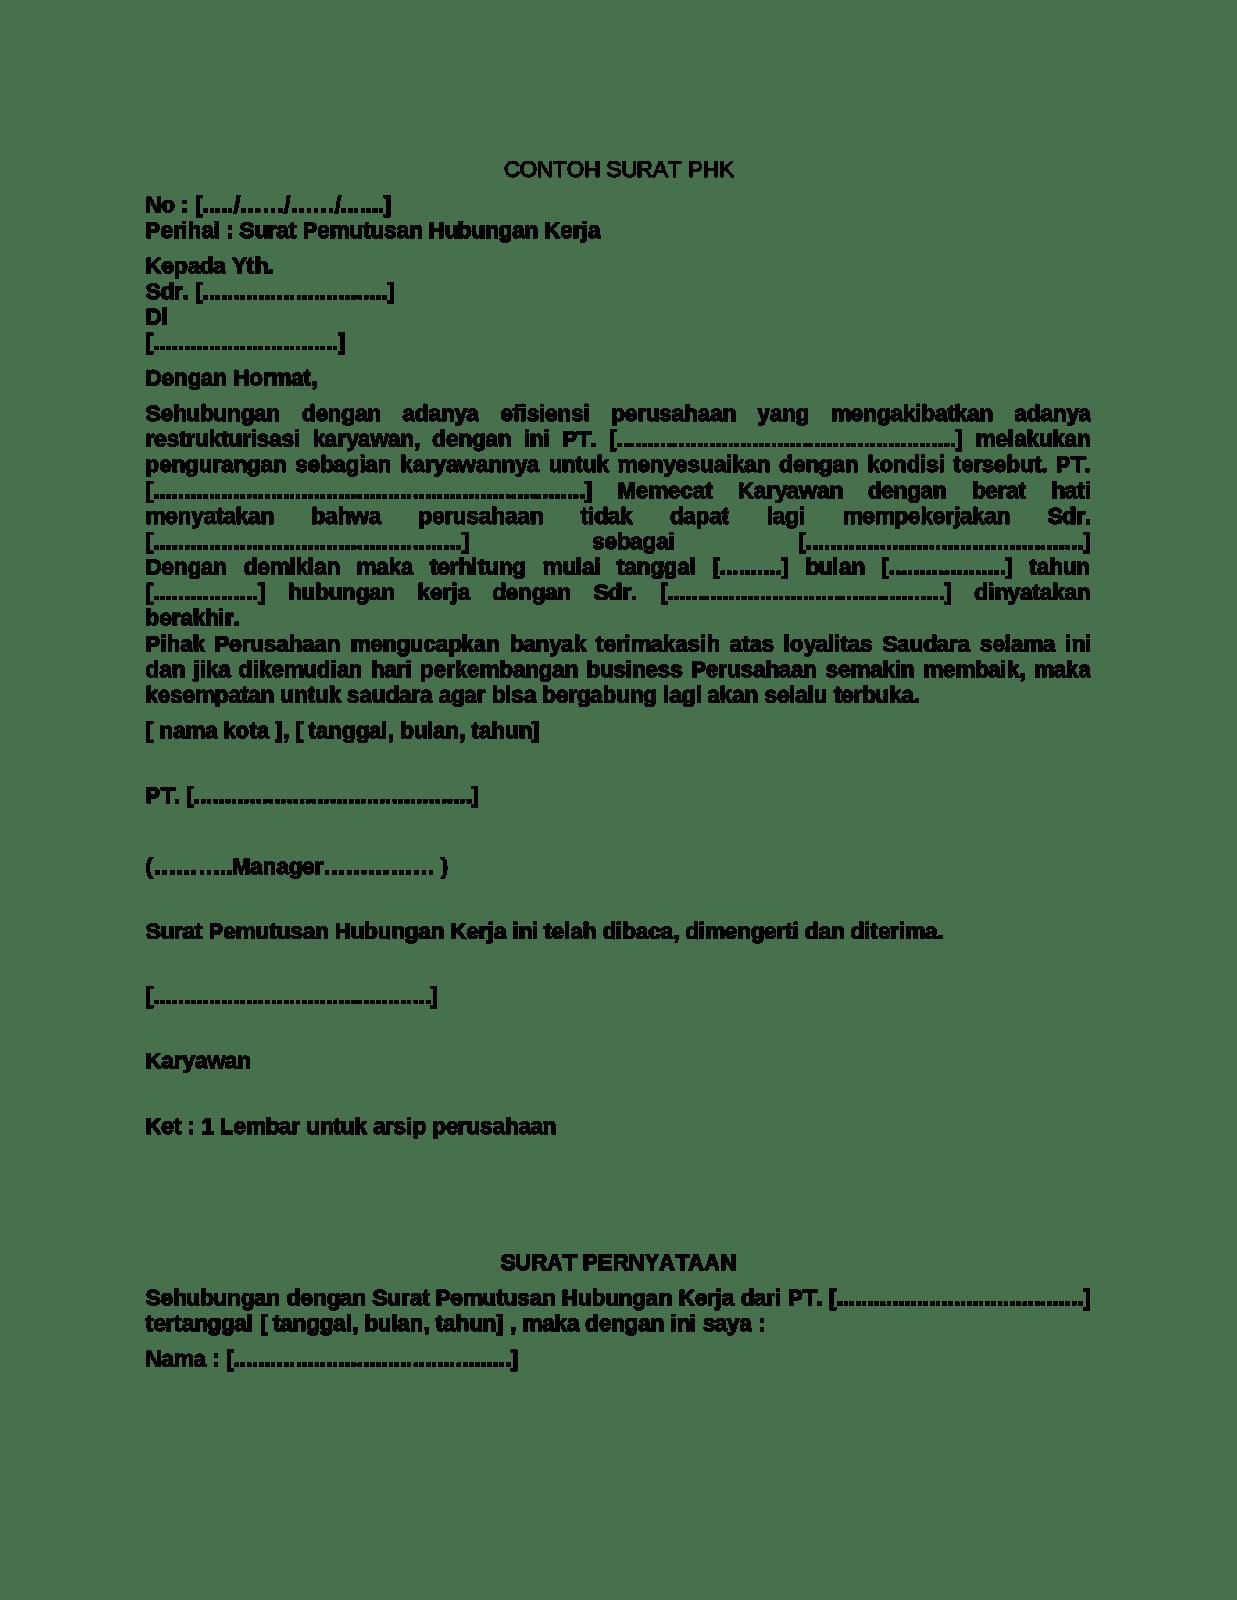 Contoh Surat Pemberhentian Kerja Pemutusan Hubungan